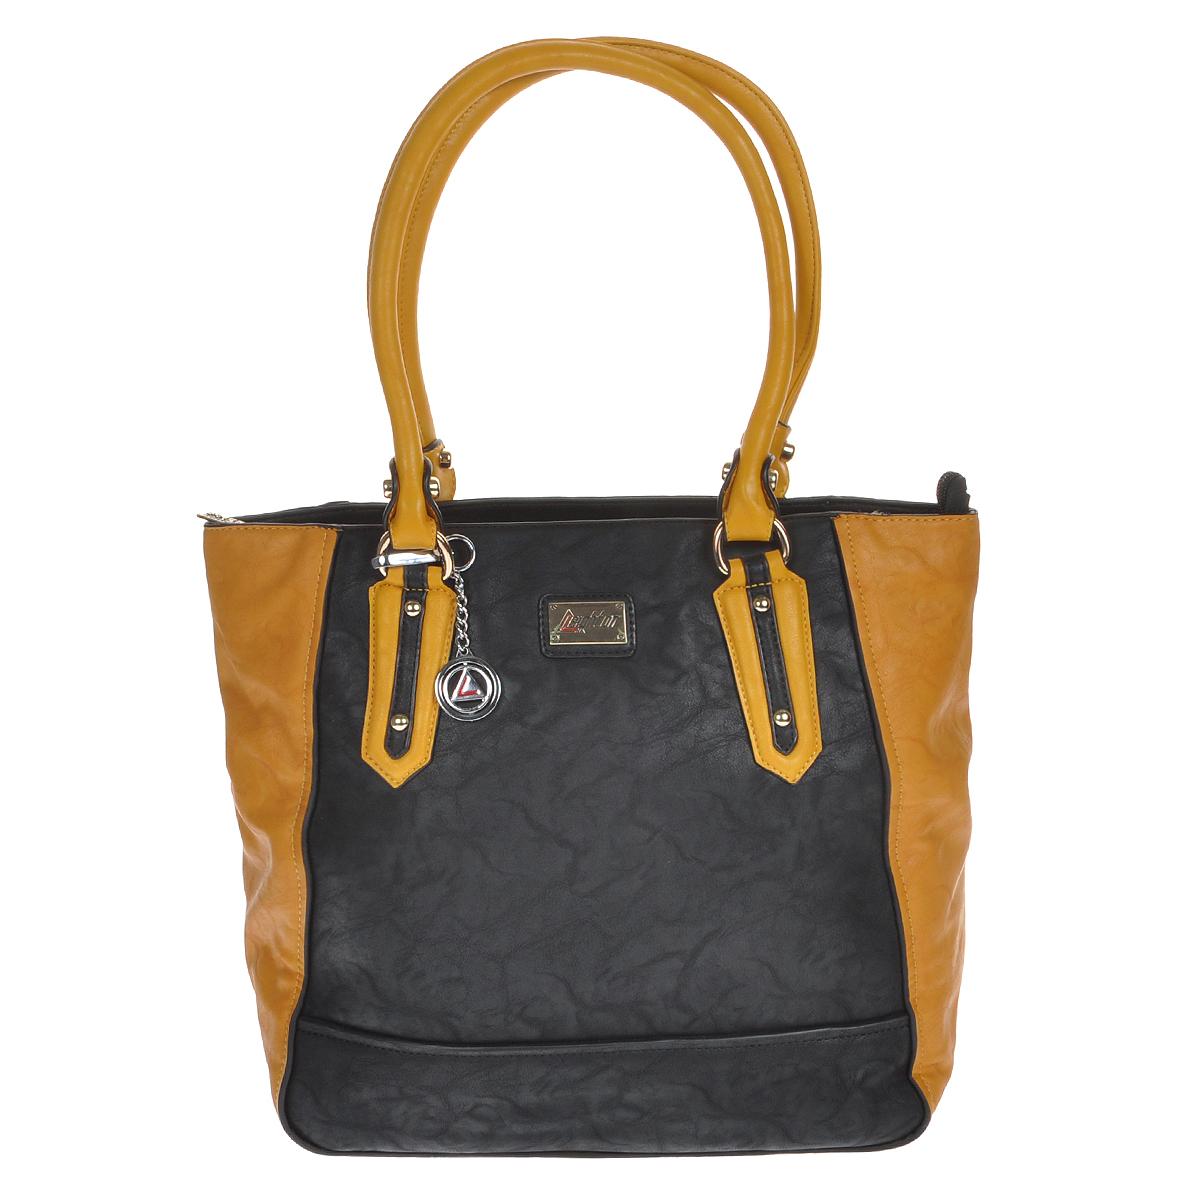 """Сумка женская Leighton, цвет: черный, желтый. 510270-609023008Стильная сумка Leighton выполнена из искусственной кожи черного цвета с желтыми кожаными вставками. Сумка имеет одно основное отделение, закрывающееся на застежку-молнию. Внутри - смежный карман на молнии, два накладных кармашка для мелочей и вшитый карман на молнии. На задней стенке сумки расположен вшитый карман на молнии. Сумка оснащена двумя ручками, позволяющими носить ее на плече. В комплекте металлический брелок.Фурнитура золотистого цвета. Дно защищено металлическими """"ножками"""".Модная сумка подчеркнет ваш яркий стиль и сделает образ модным и завершенным. Характеристики: Материал: искусственная кожа, металл, текстиль. Цвет: черный, желтый. Размер сумки: 40 см х 32 см х 14 см.Высота ручек: 24 см. Артикул: 510270-6090/1112/811/1112."""